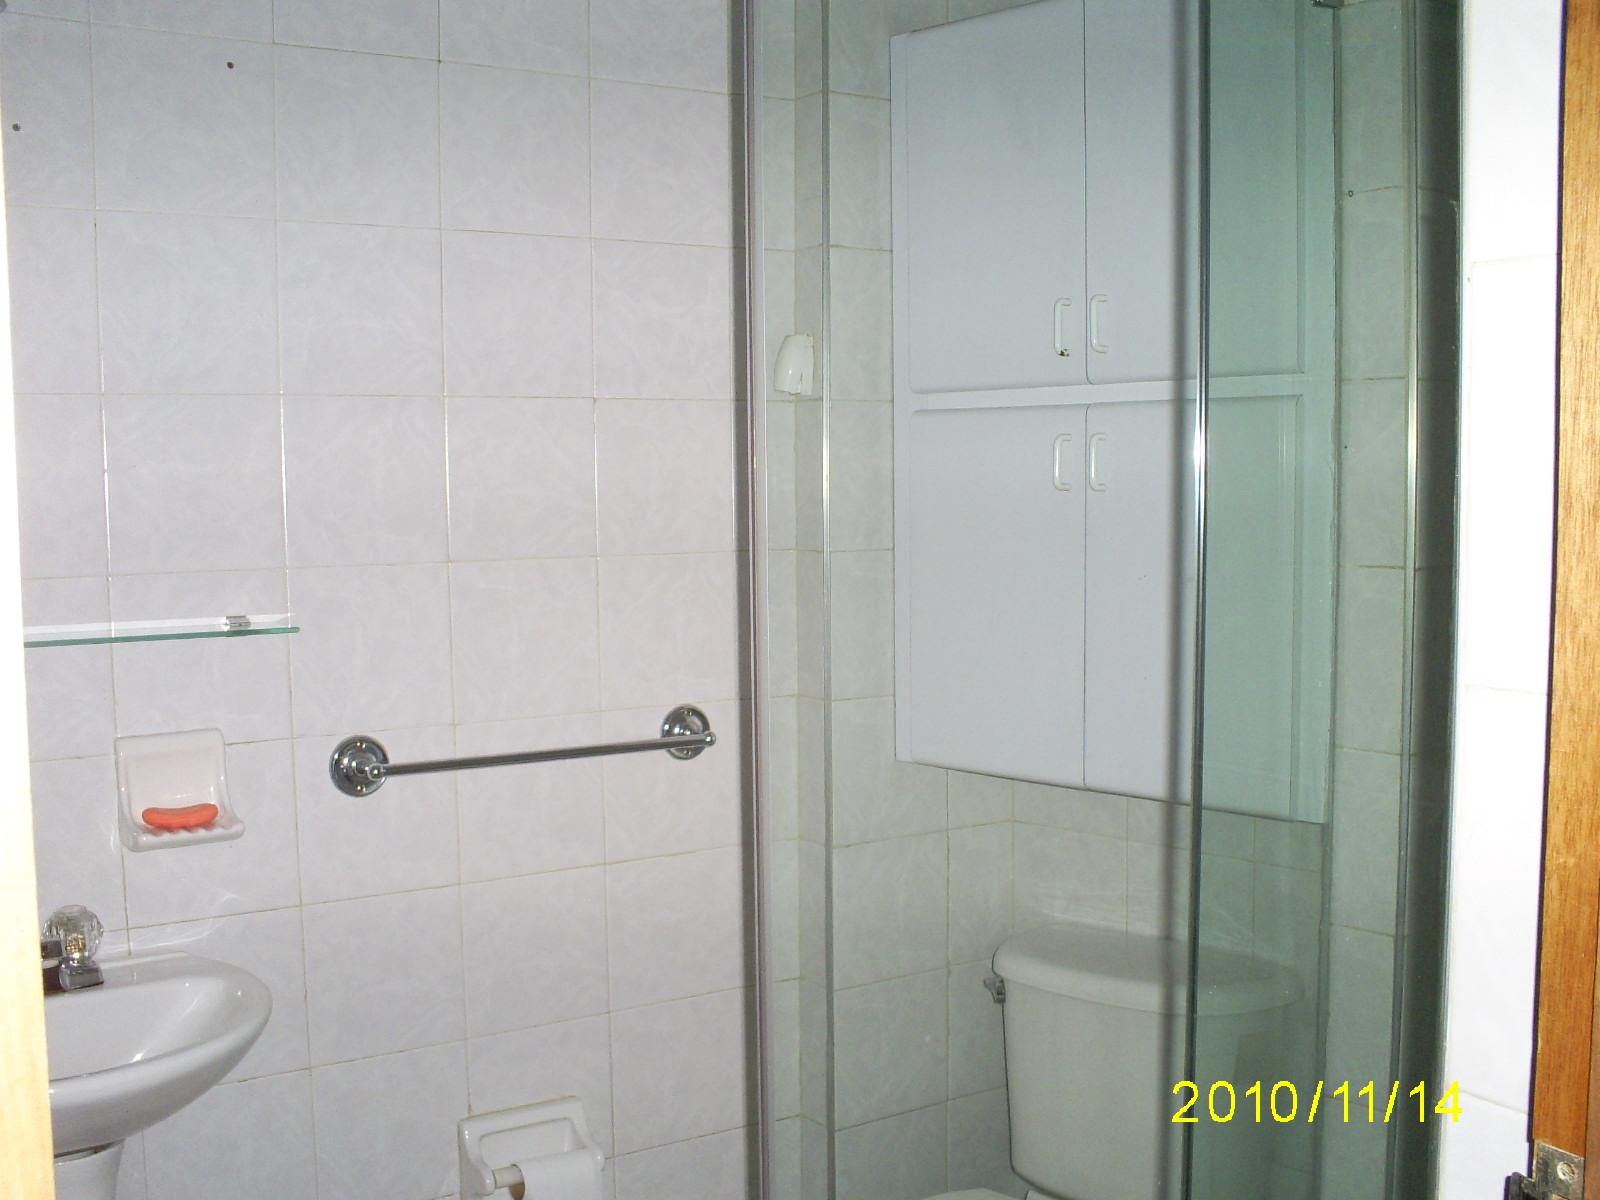 Cortinas De Baño Vidrio Templado Quito:INMOBILIARIA CB: Baños con gabinetes y división vidrio templado